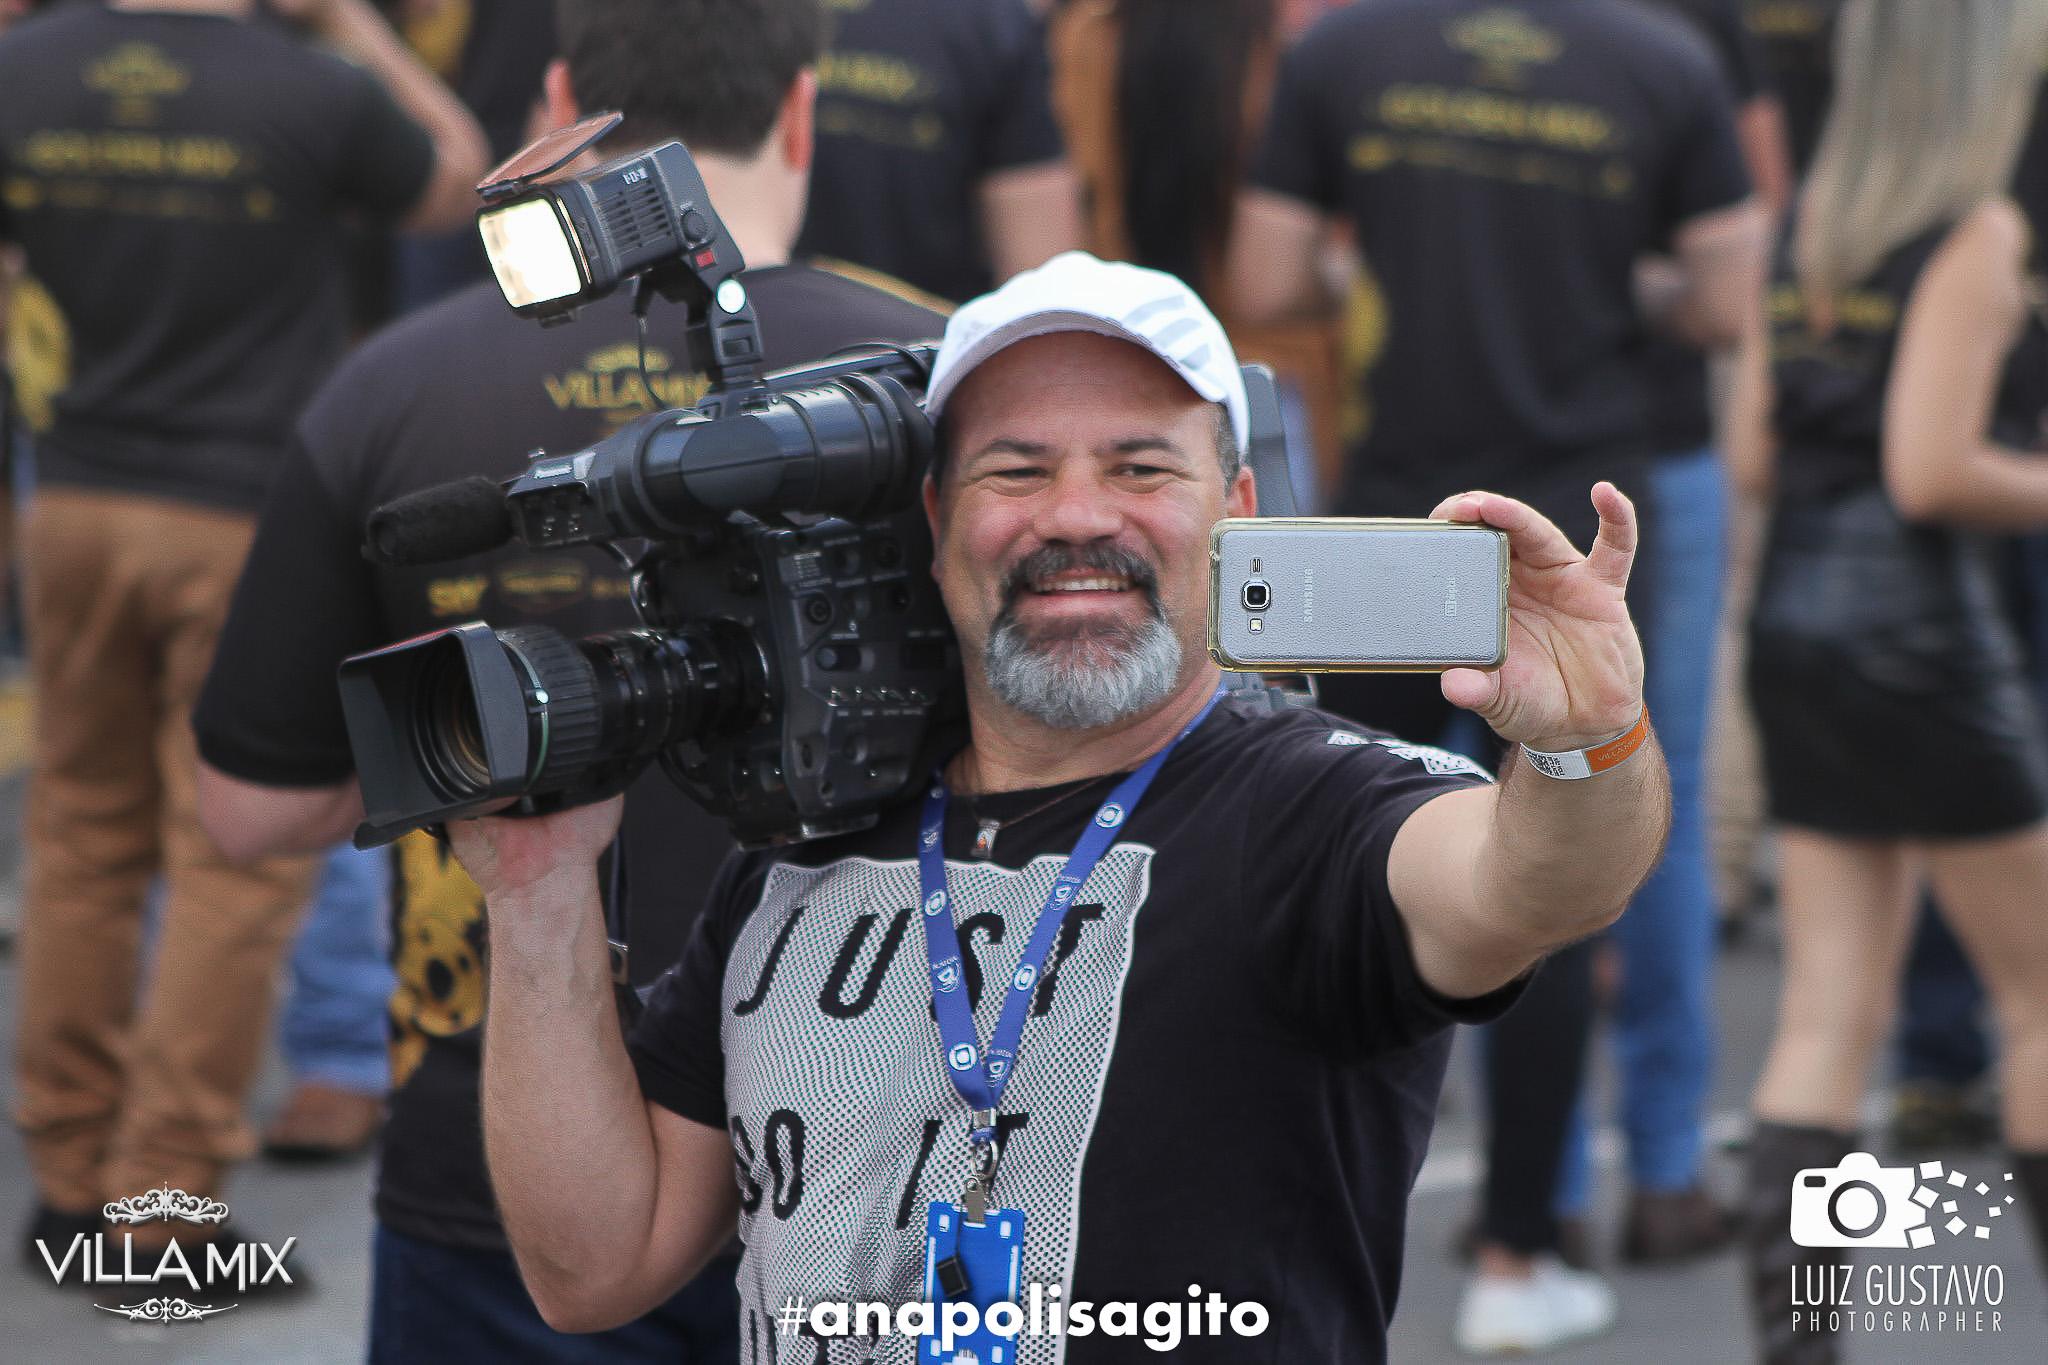 Luiz Gustavo Photographer (4 de 327)